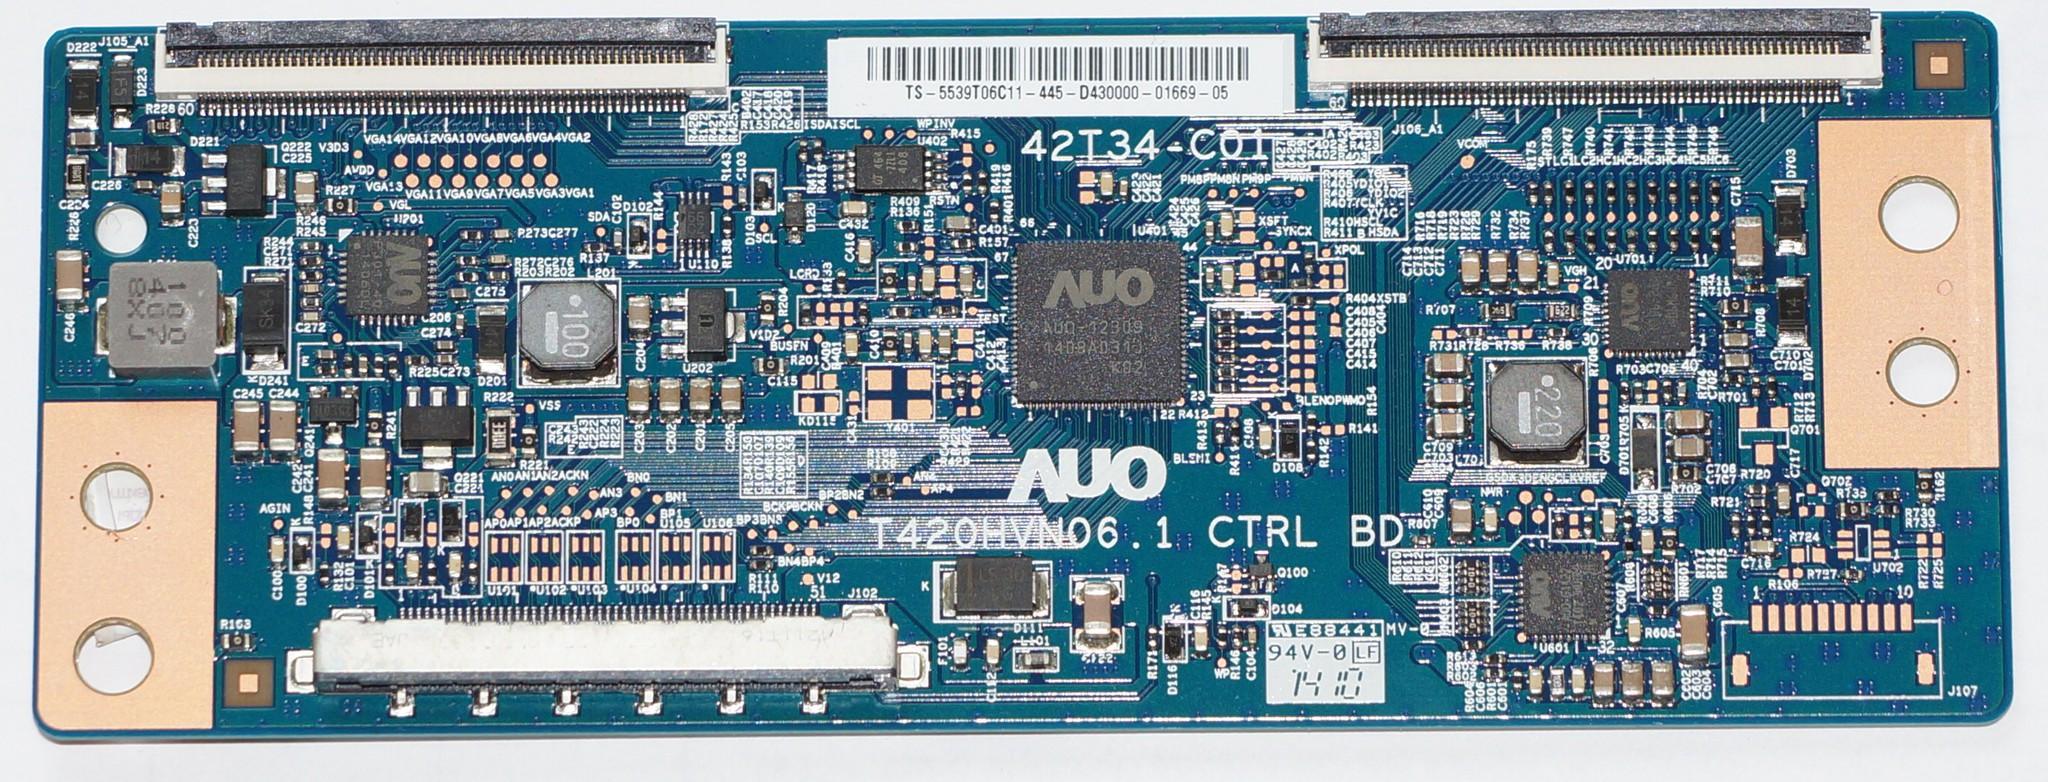 42T34-C01 T420HVN06.1 t-con телевизора LG